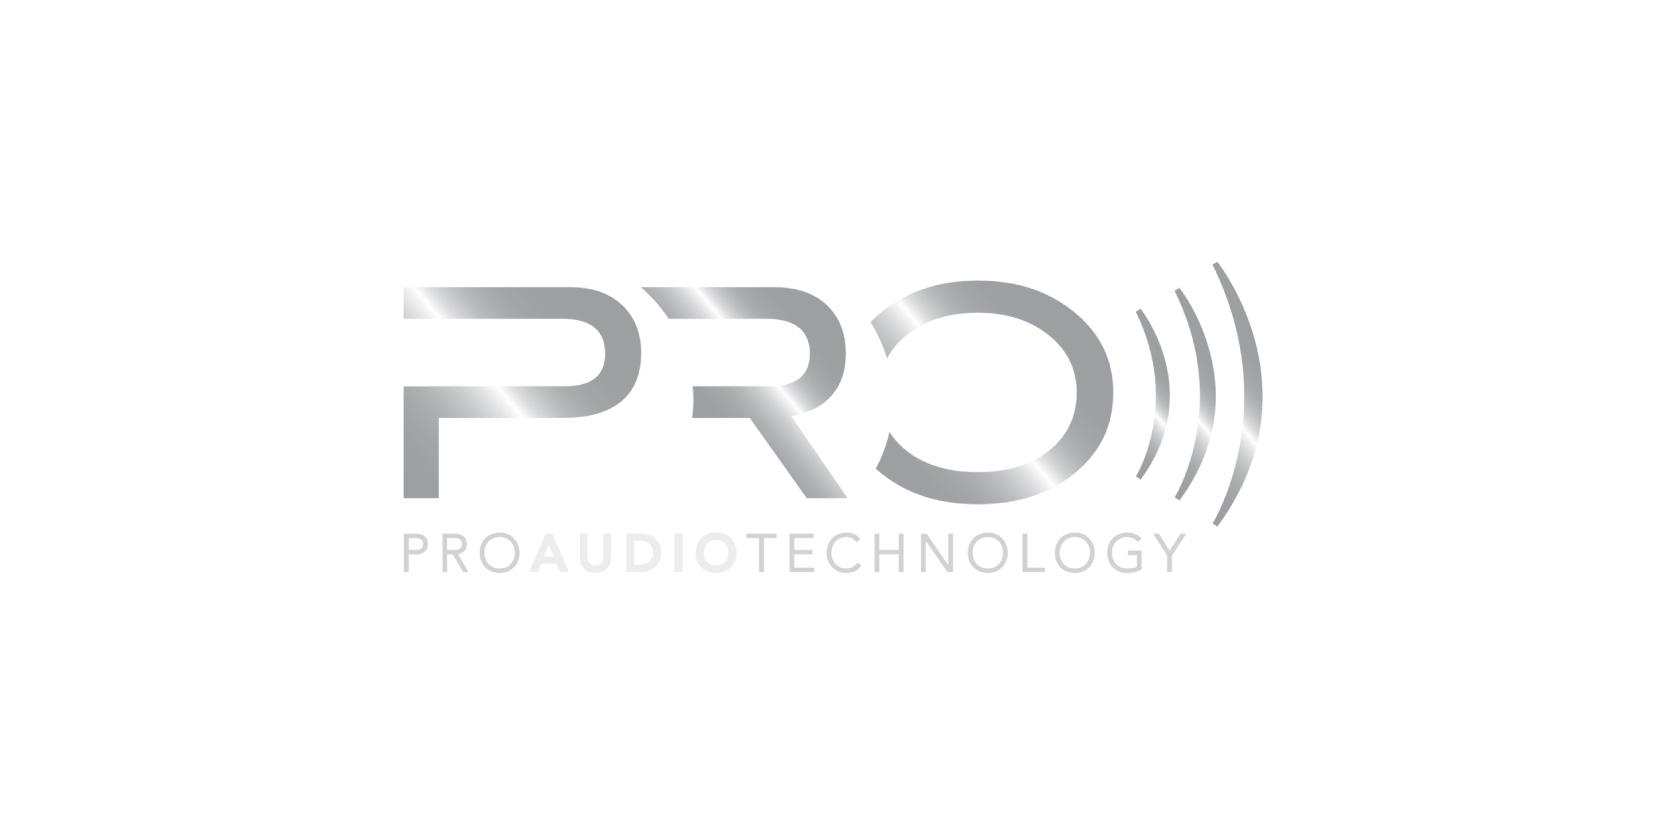 Pro company logo